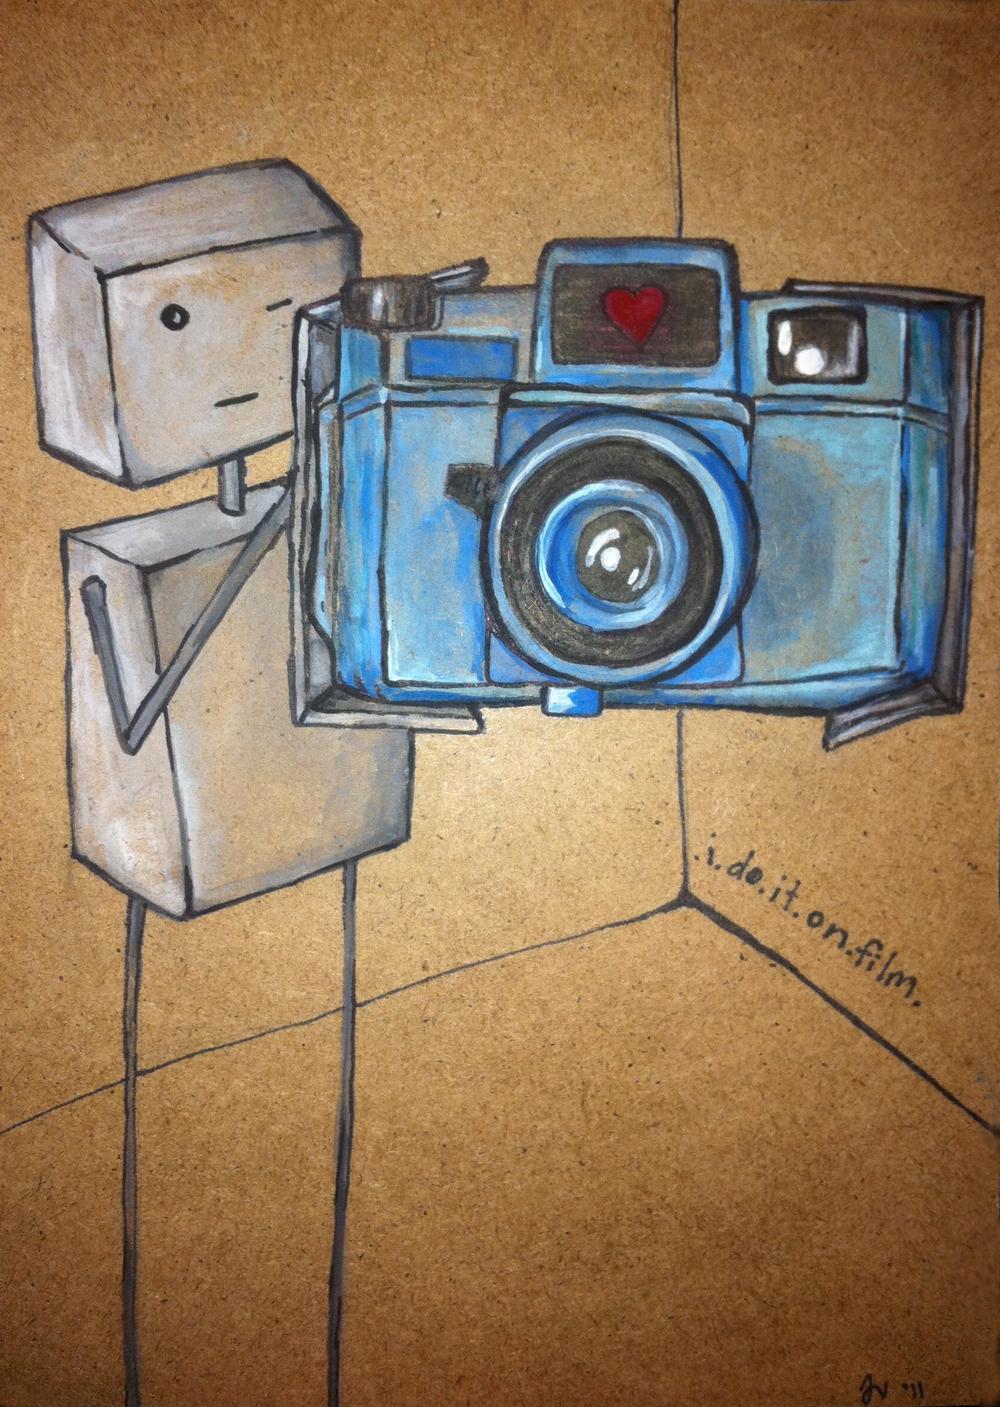 camera-bot.jpg